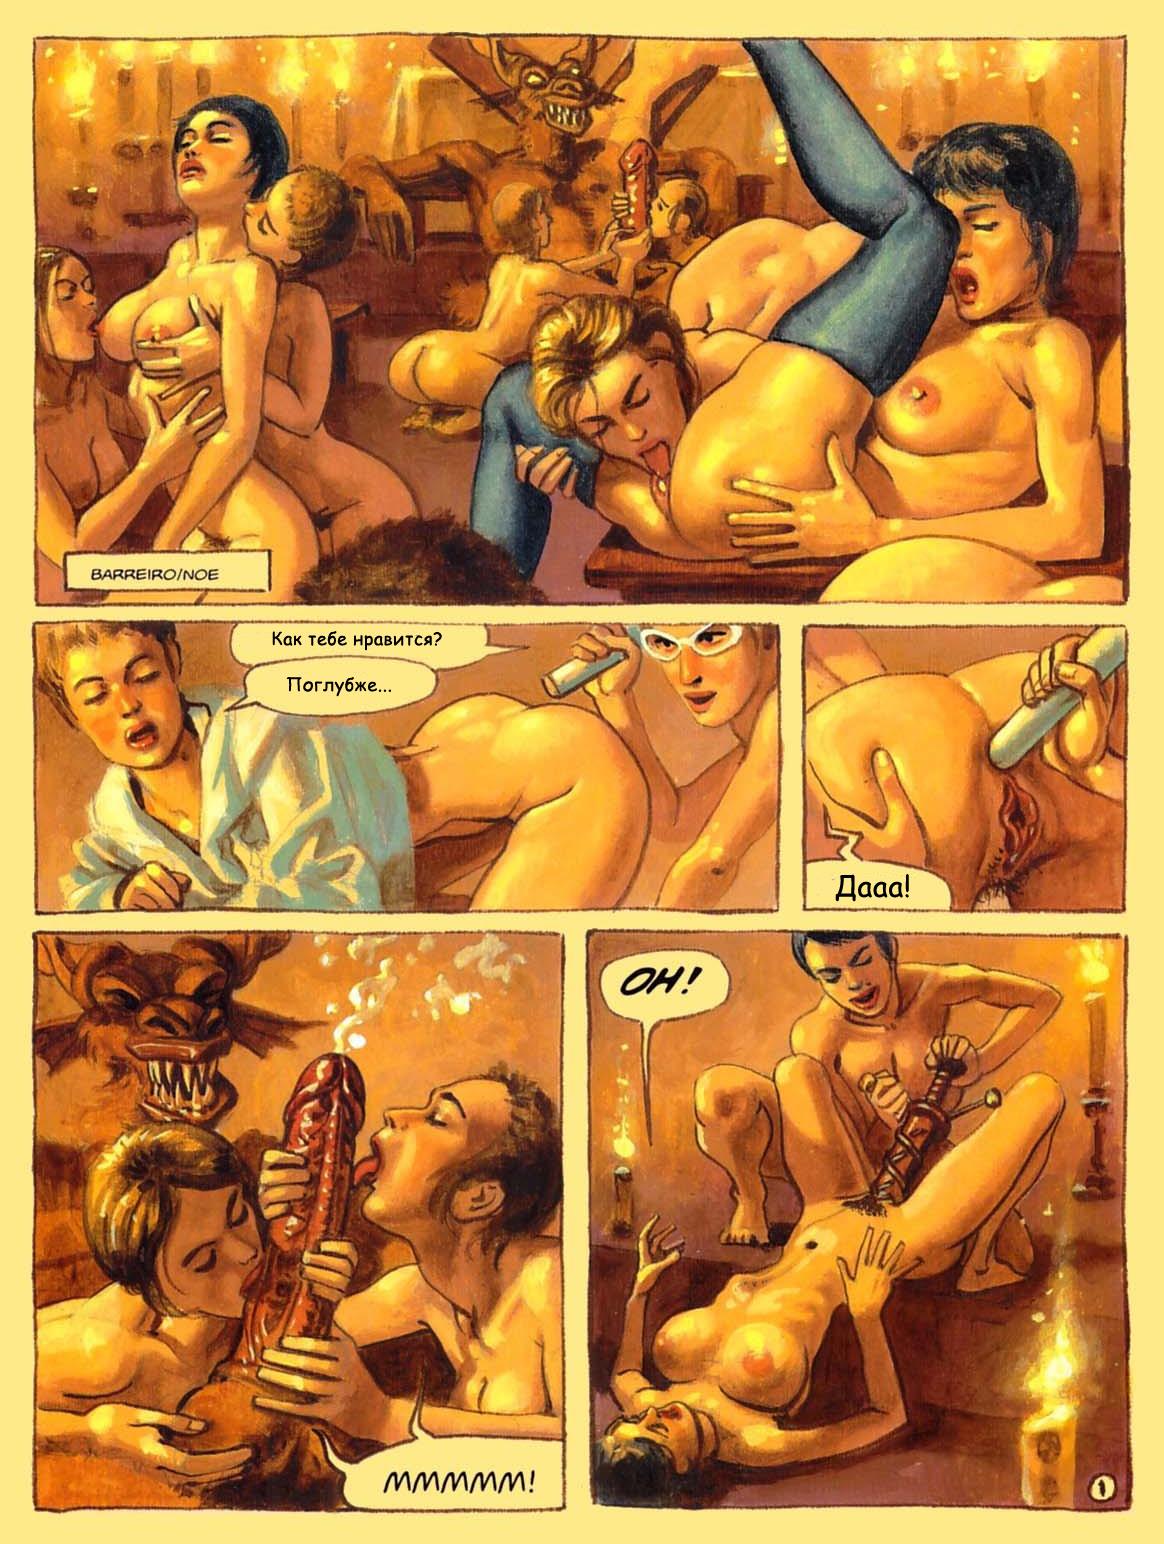 Фантазии порно рассказы,секс истории